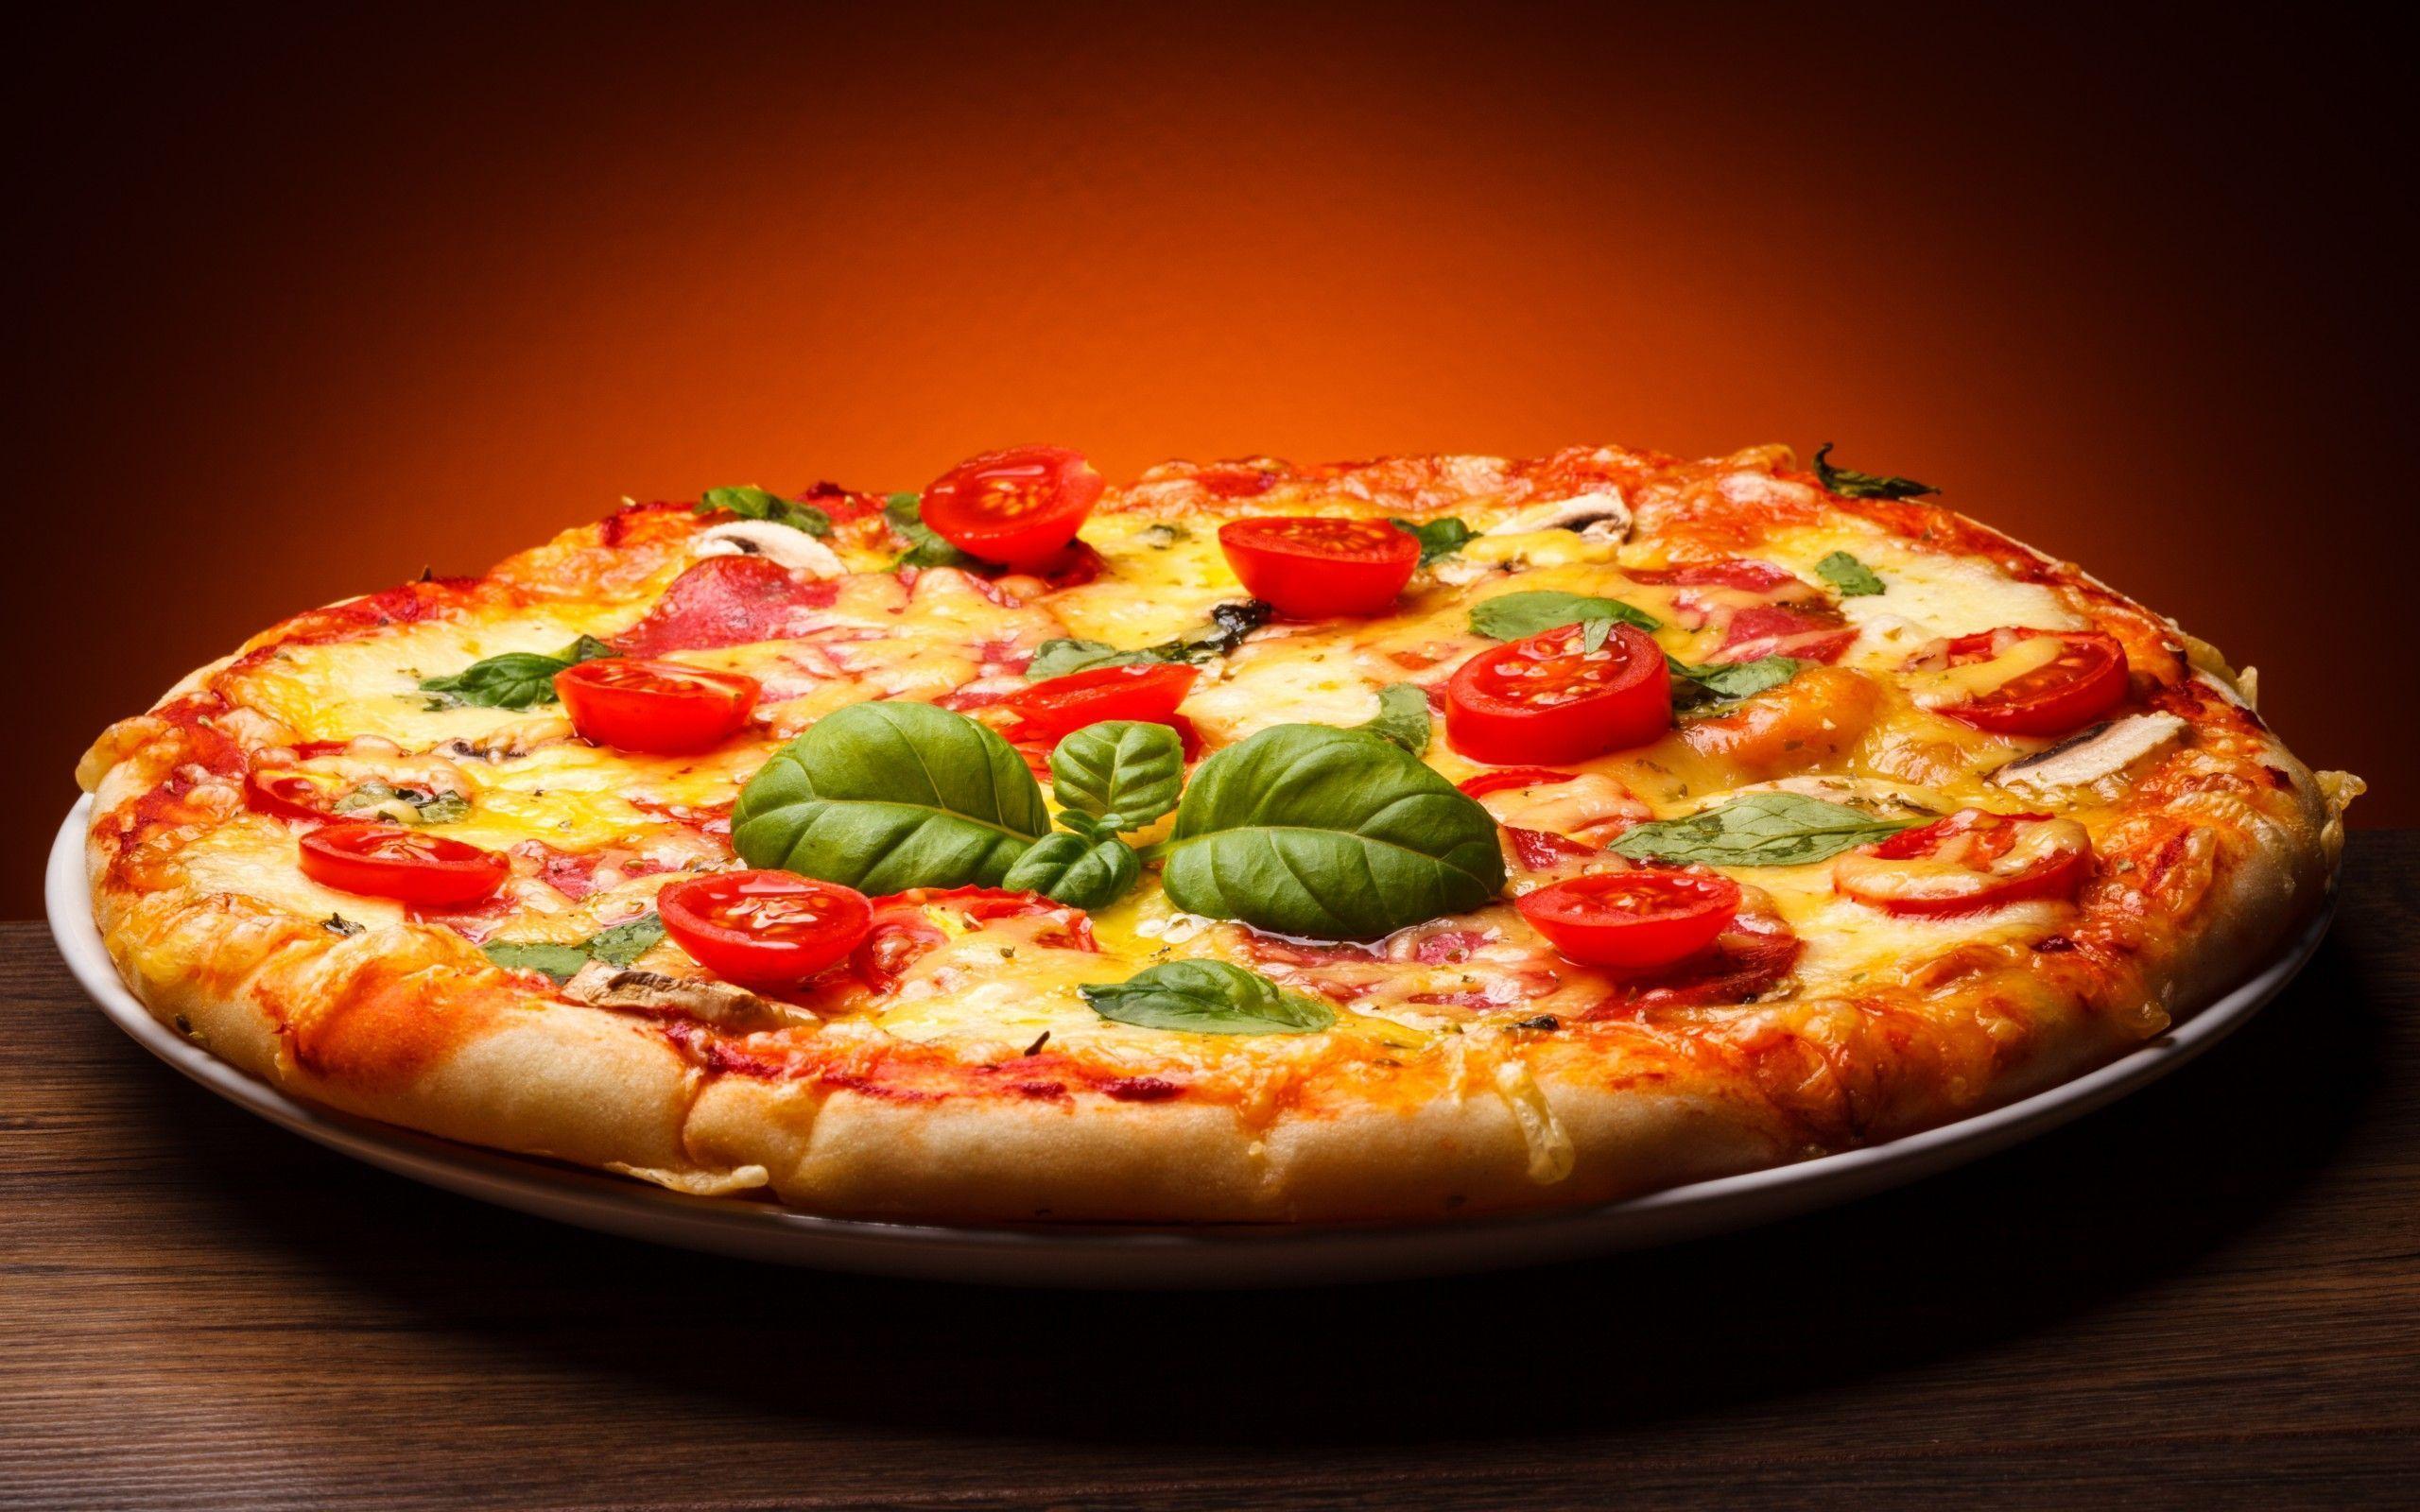 background images for food websites